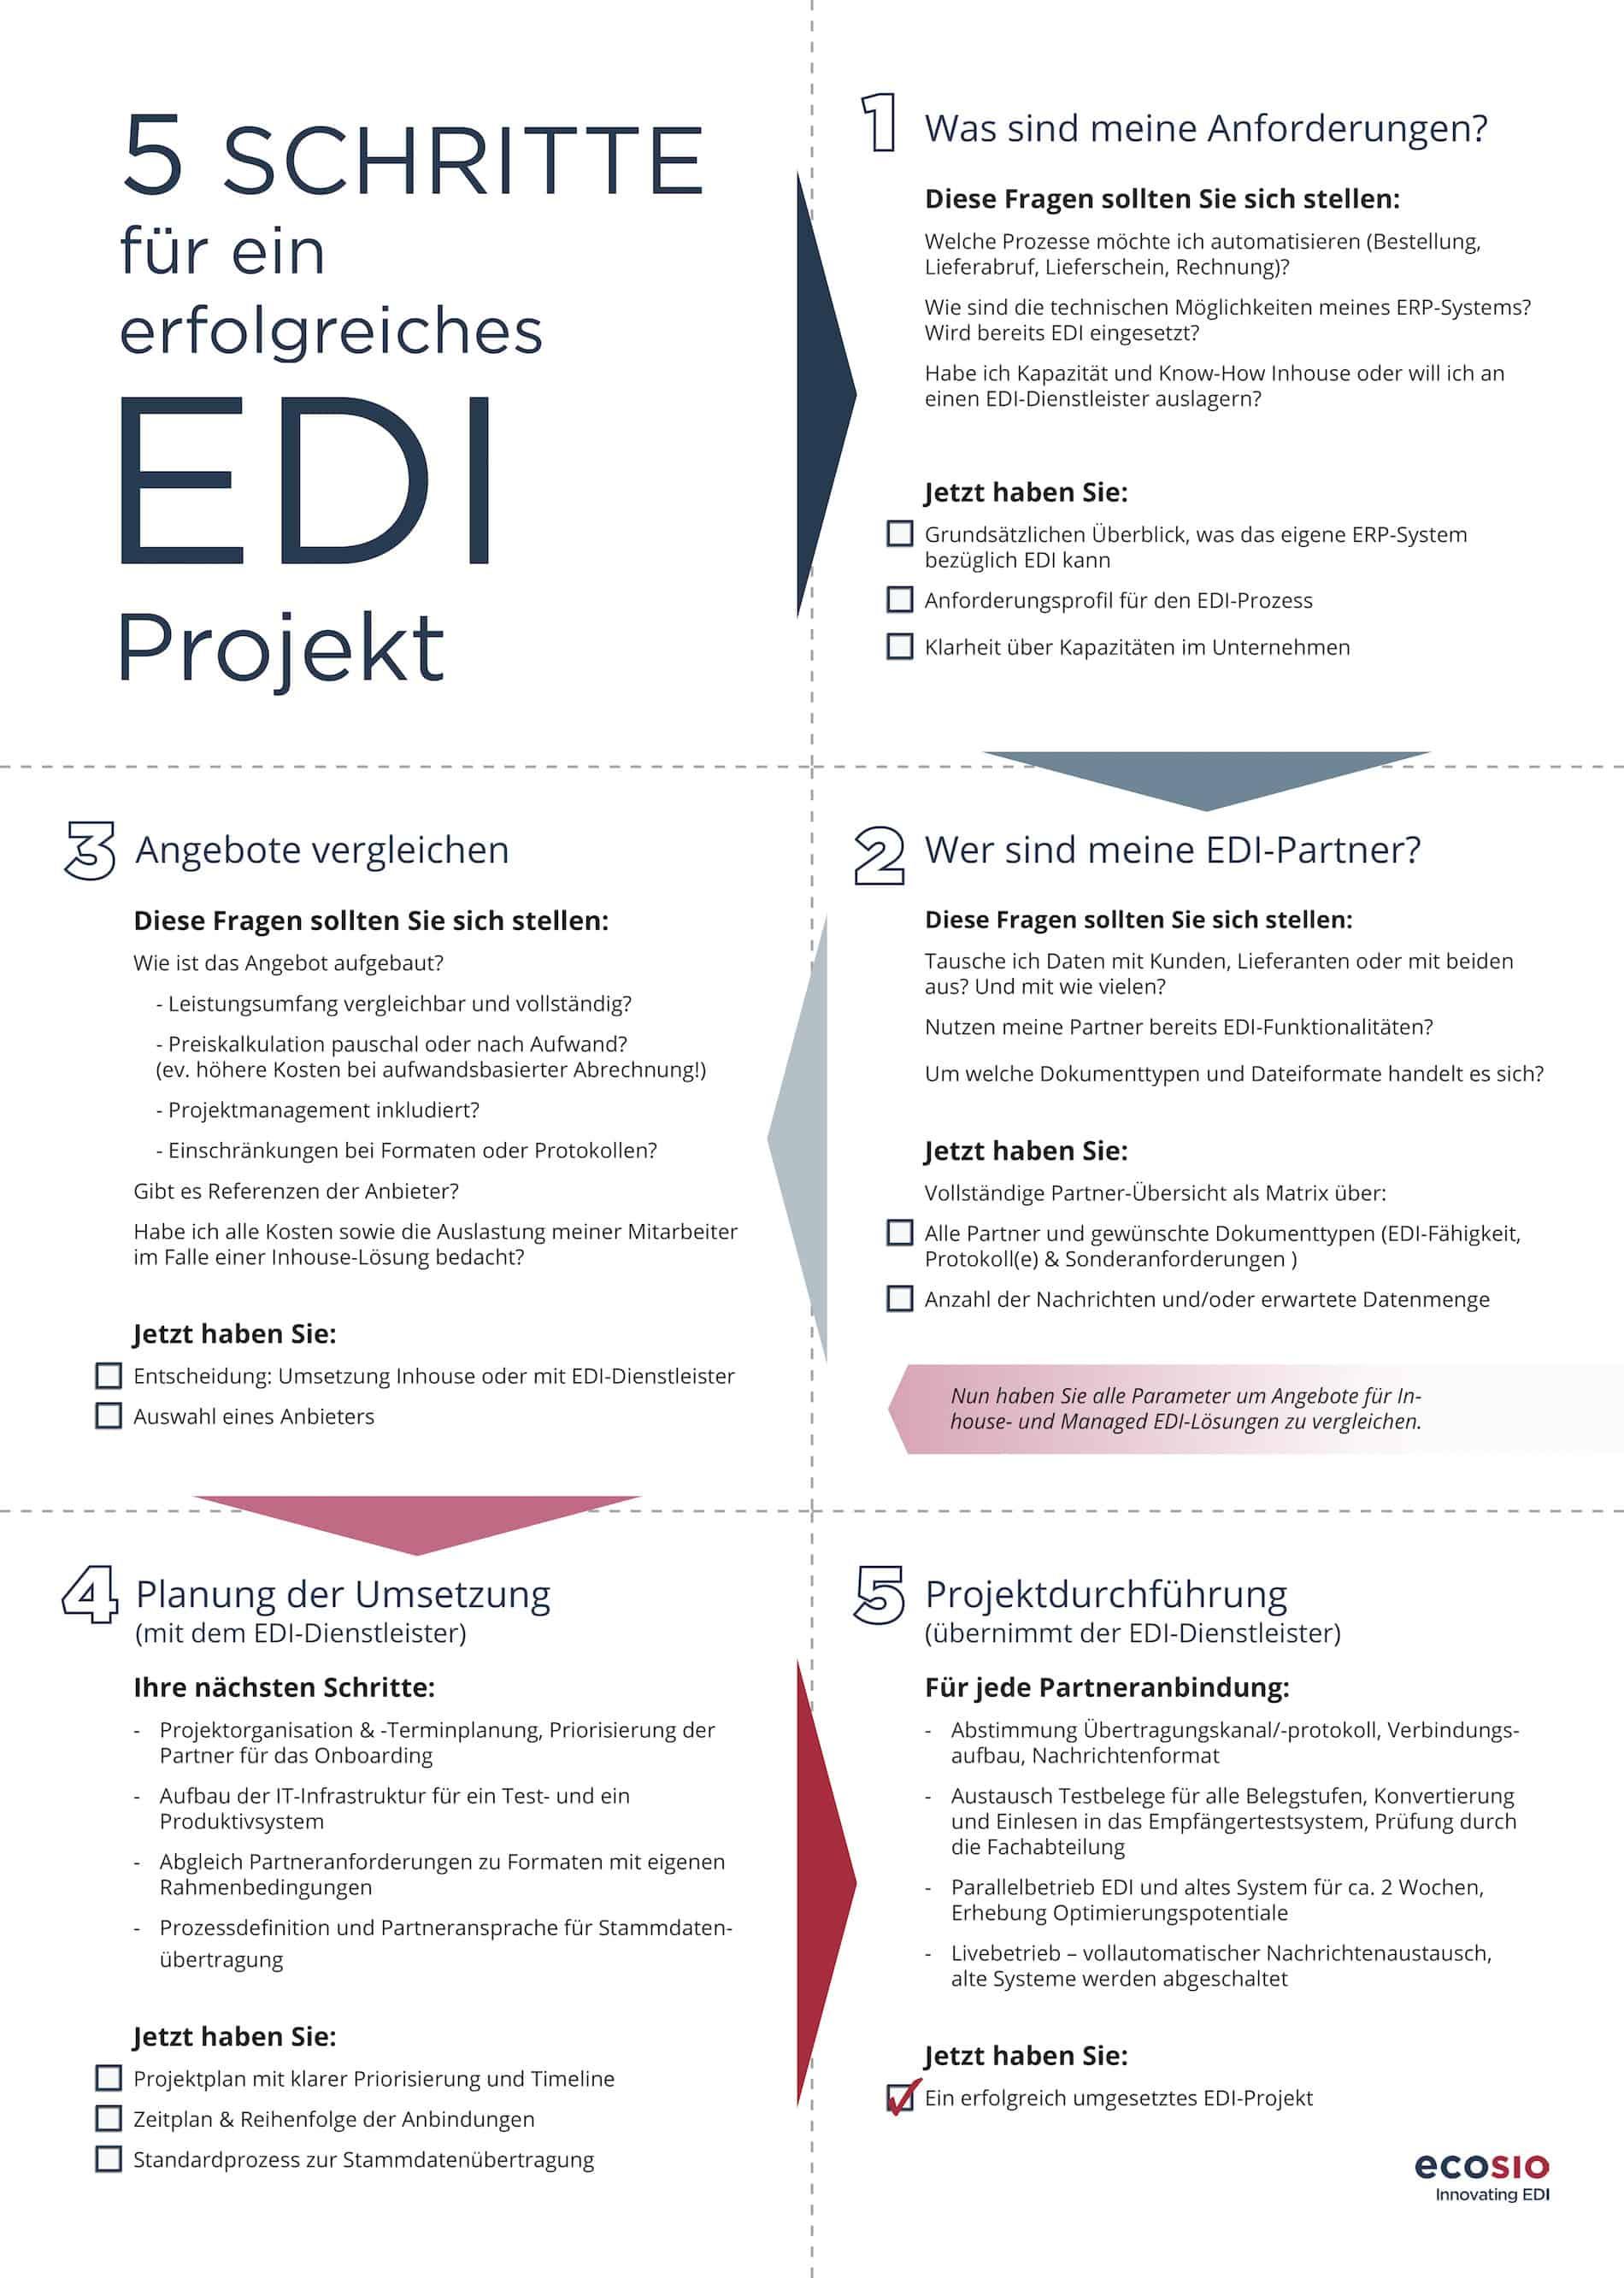 5 Schritte für ein erfolgreiches EDI-Projekt